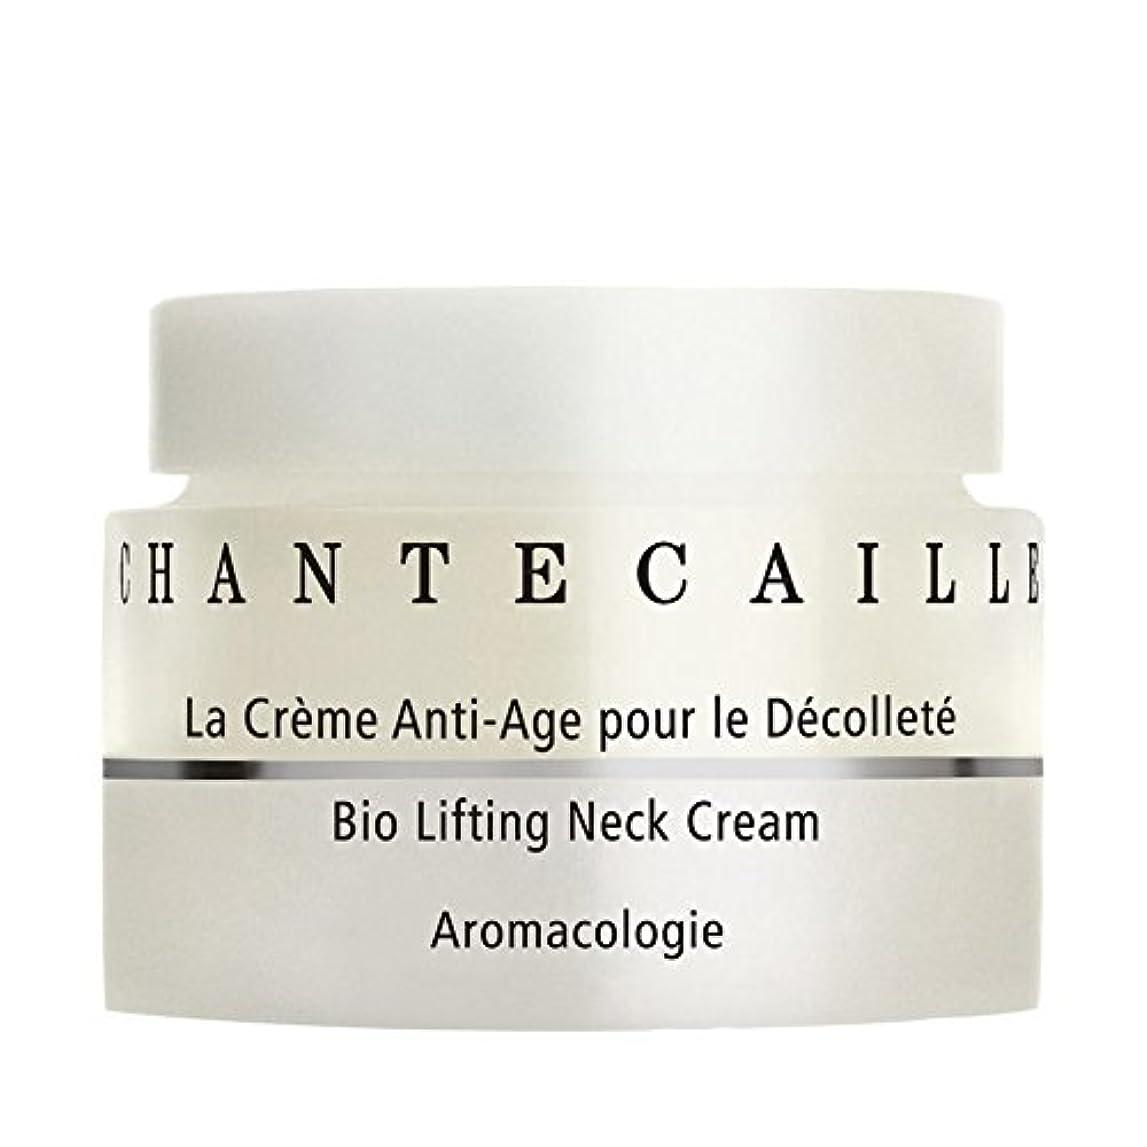 壊滅的な陰謀リア王Chantecaille Biodynamic Lifting Neck Cream, Chantecaille - シャンテカイユバイオダイナミックリフティングネッククリーム、シャンテカイユ [並行輸入品]